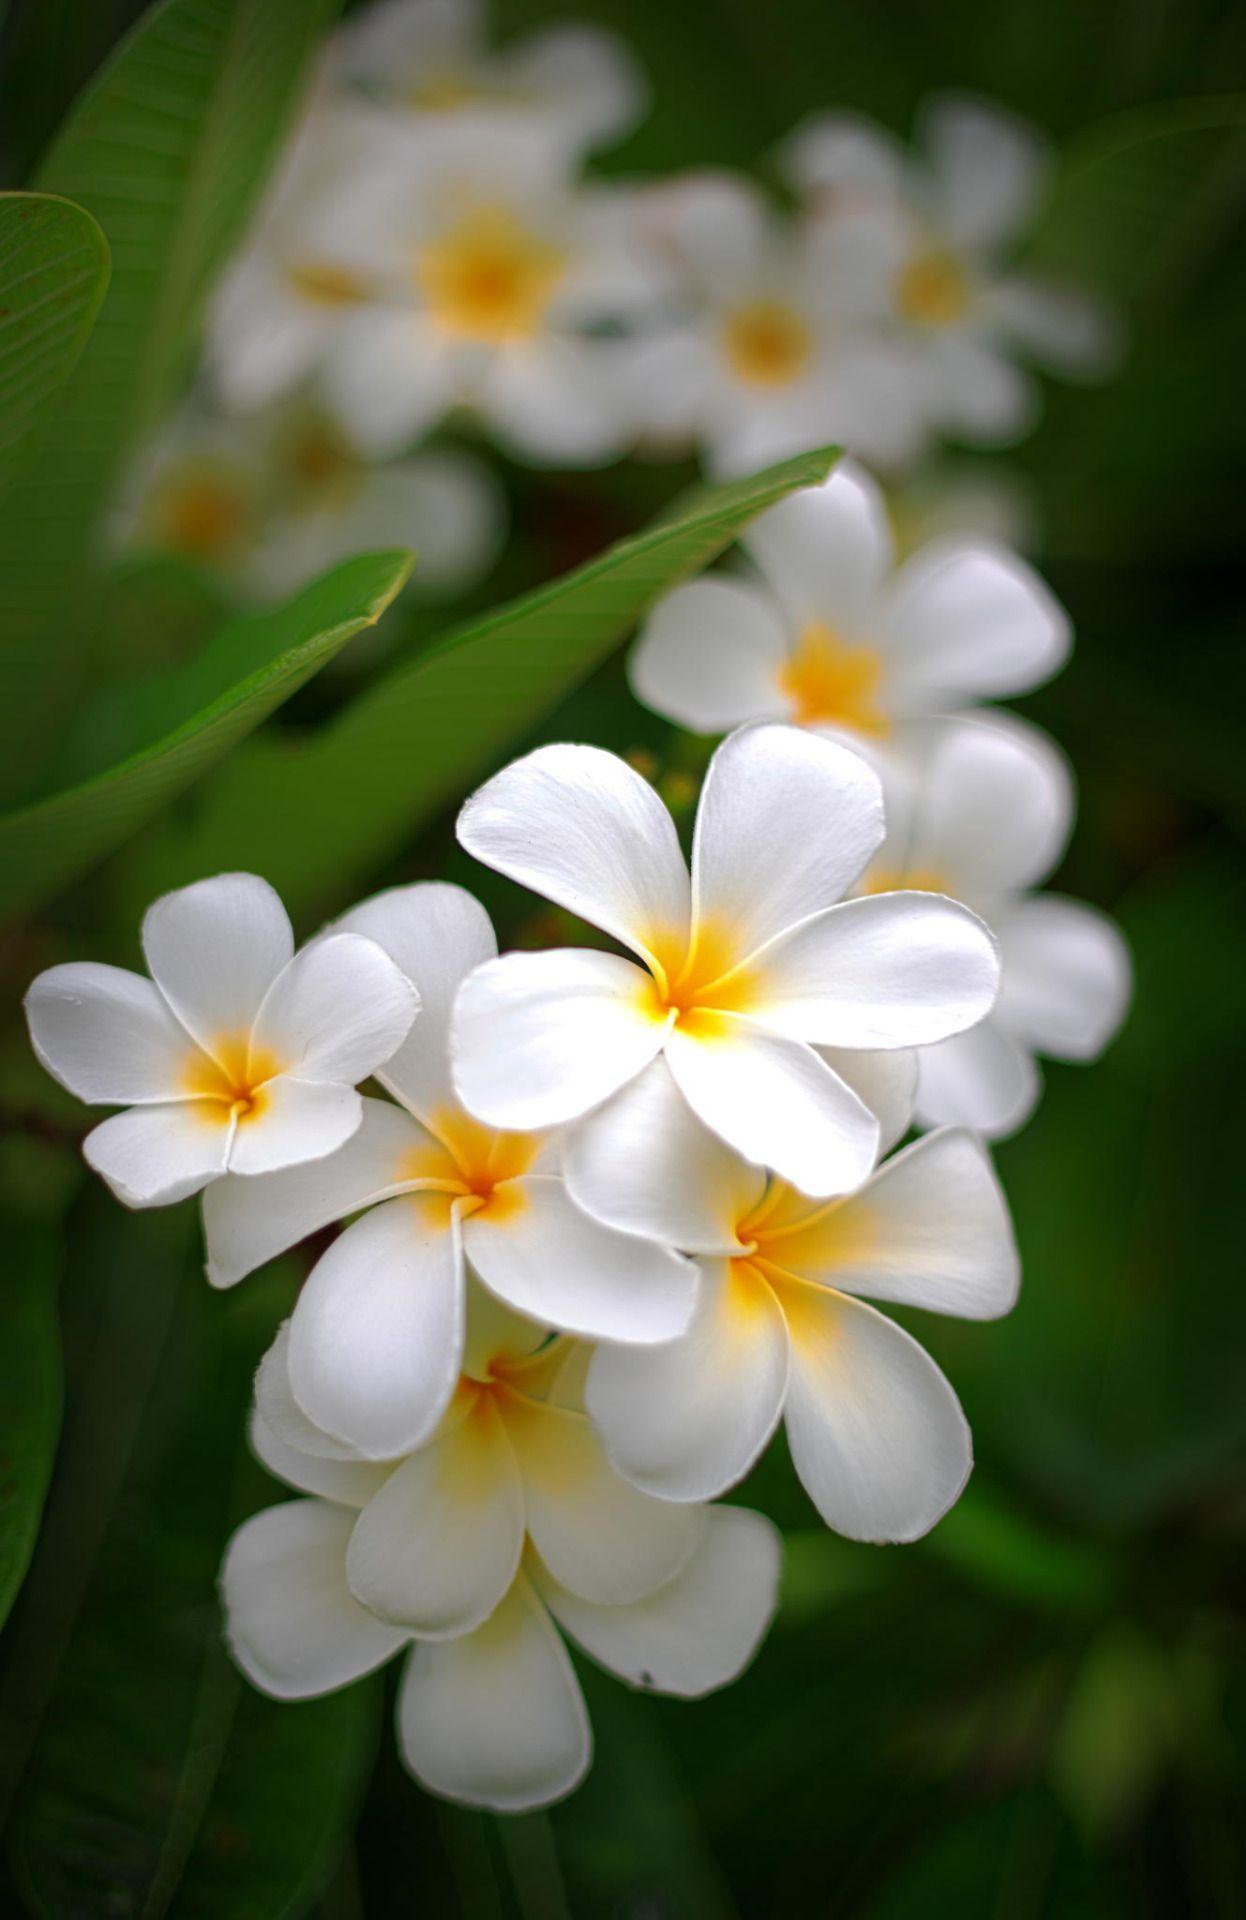 Fiori Bianchi Foto E Nomi.Plumeria By Joe Candrilli Source Gardenofgod Flowers Fiori